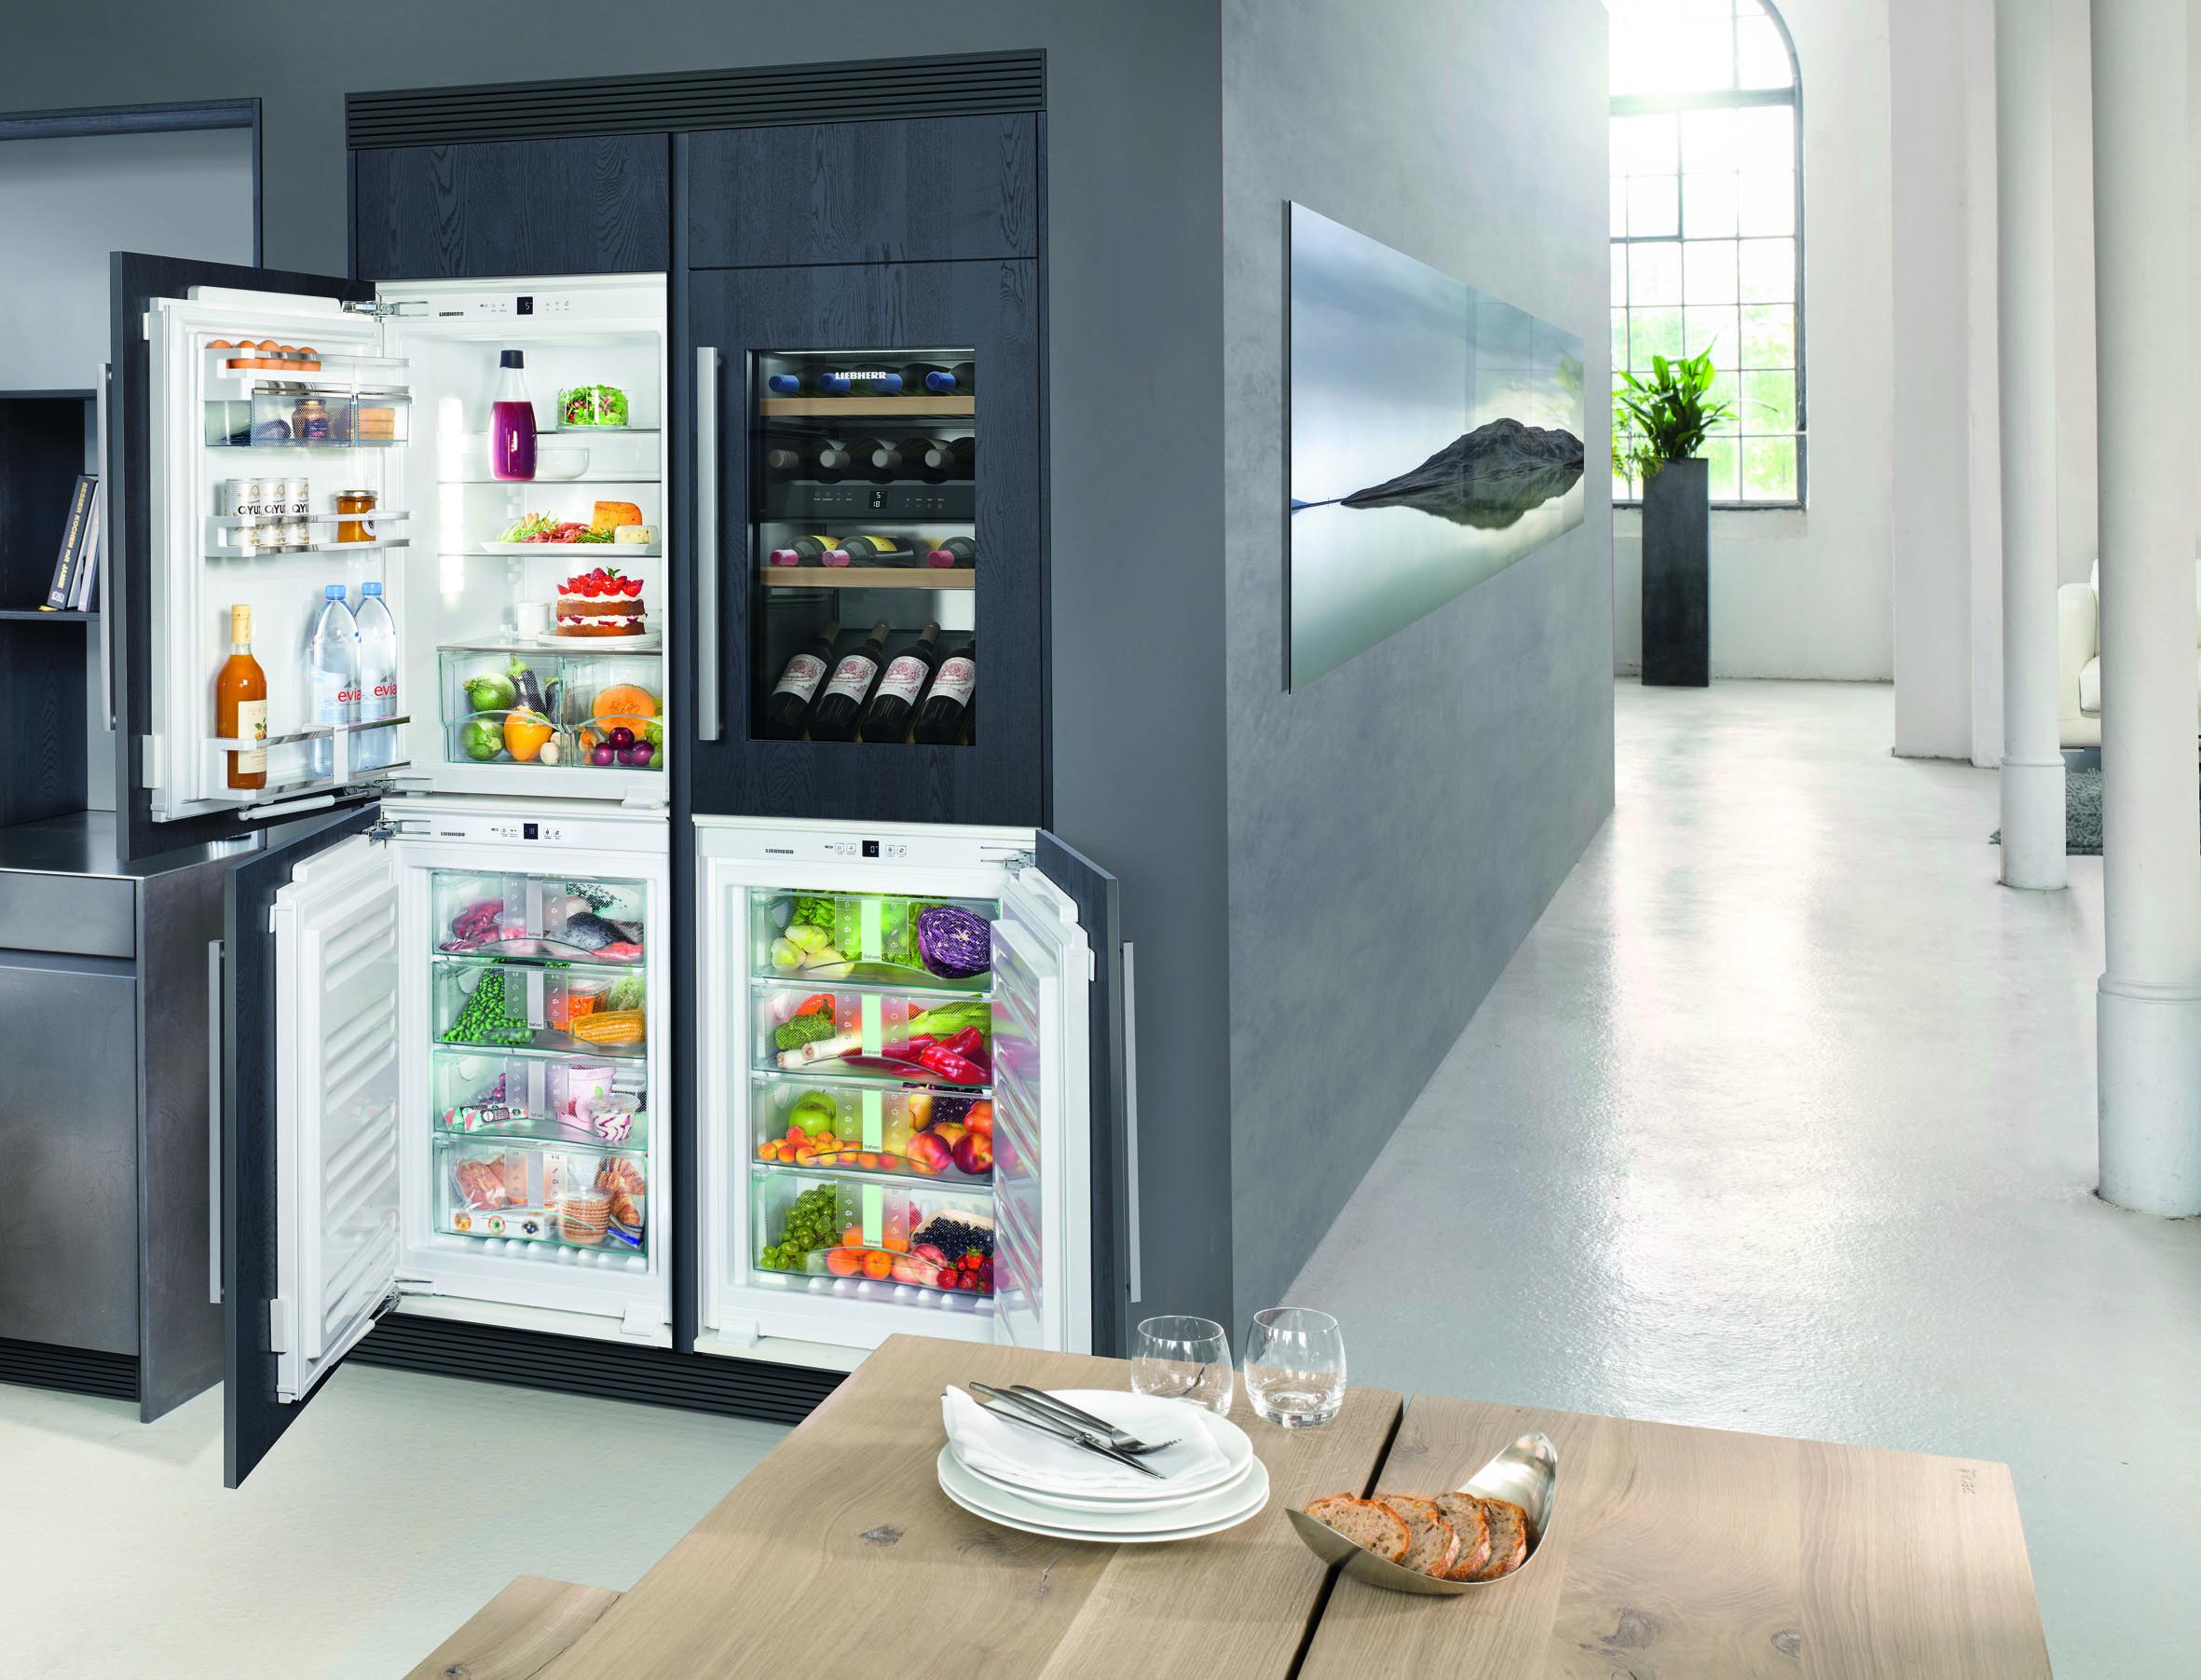 Elegant Liebherr Kühlschrank Mit Biofresh Liebherr Kühlschrank Kbpgb 4354